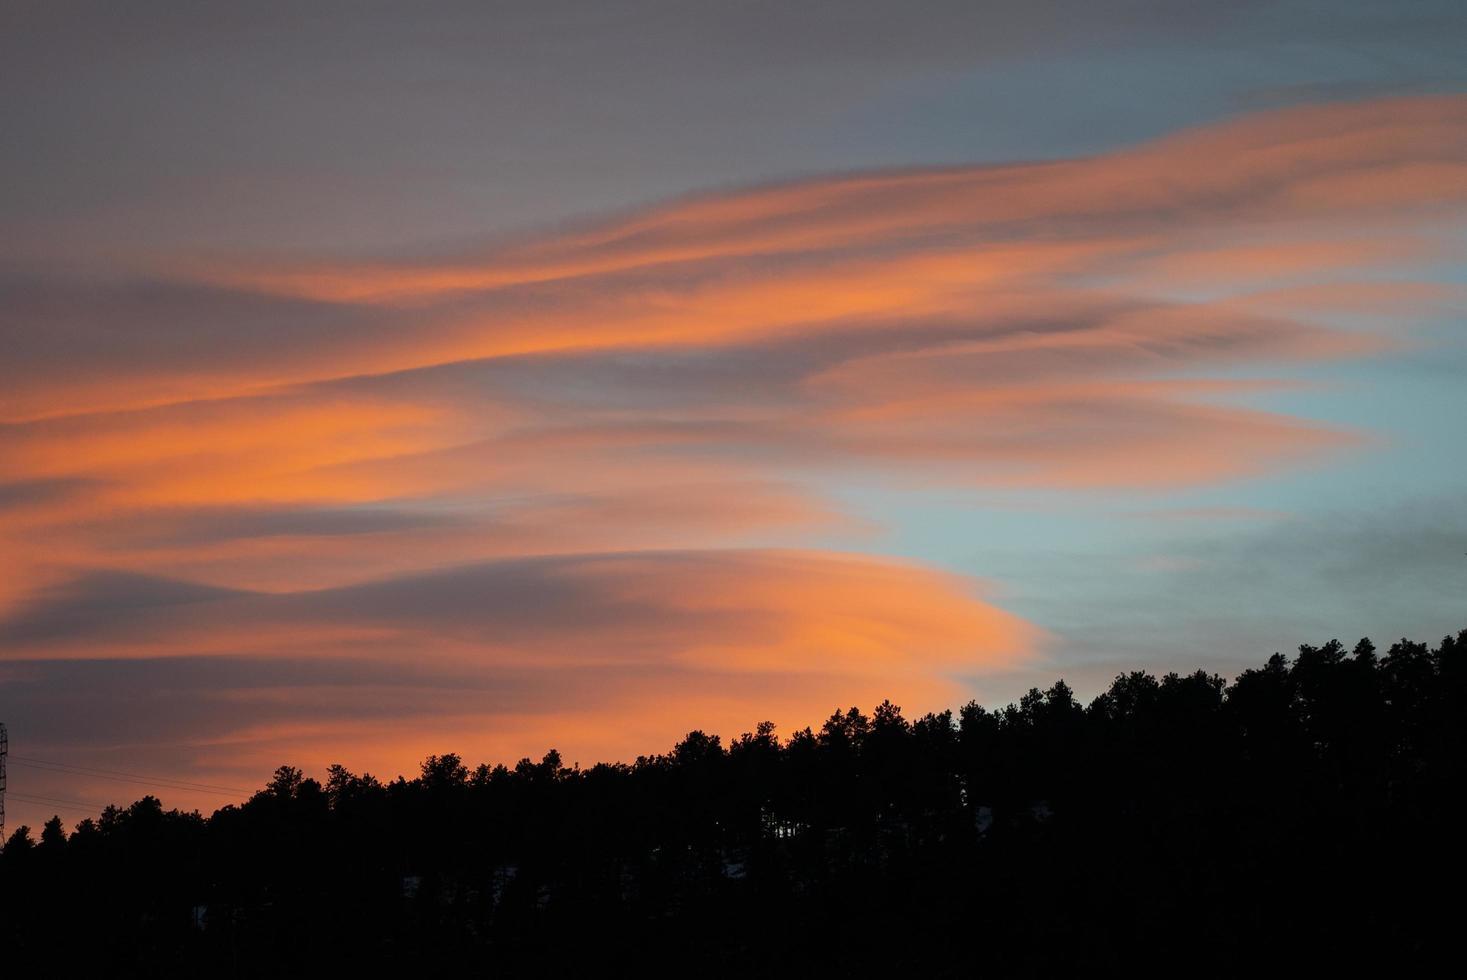 Schattenbild der Bäume während des Sonnenuntergangs foto